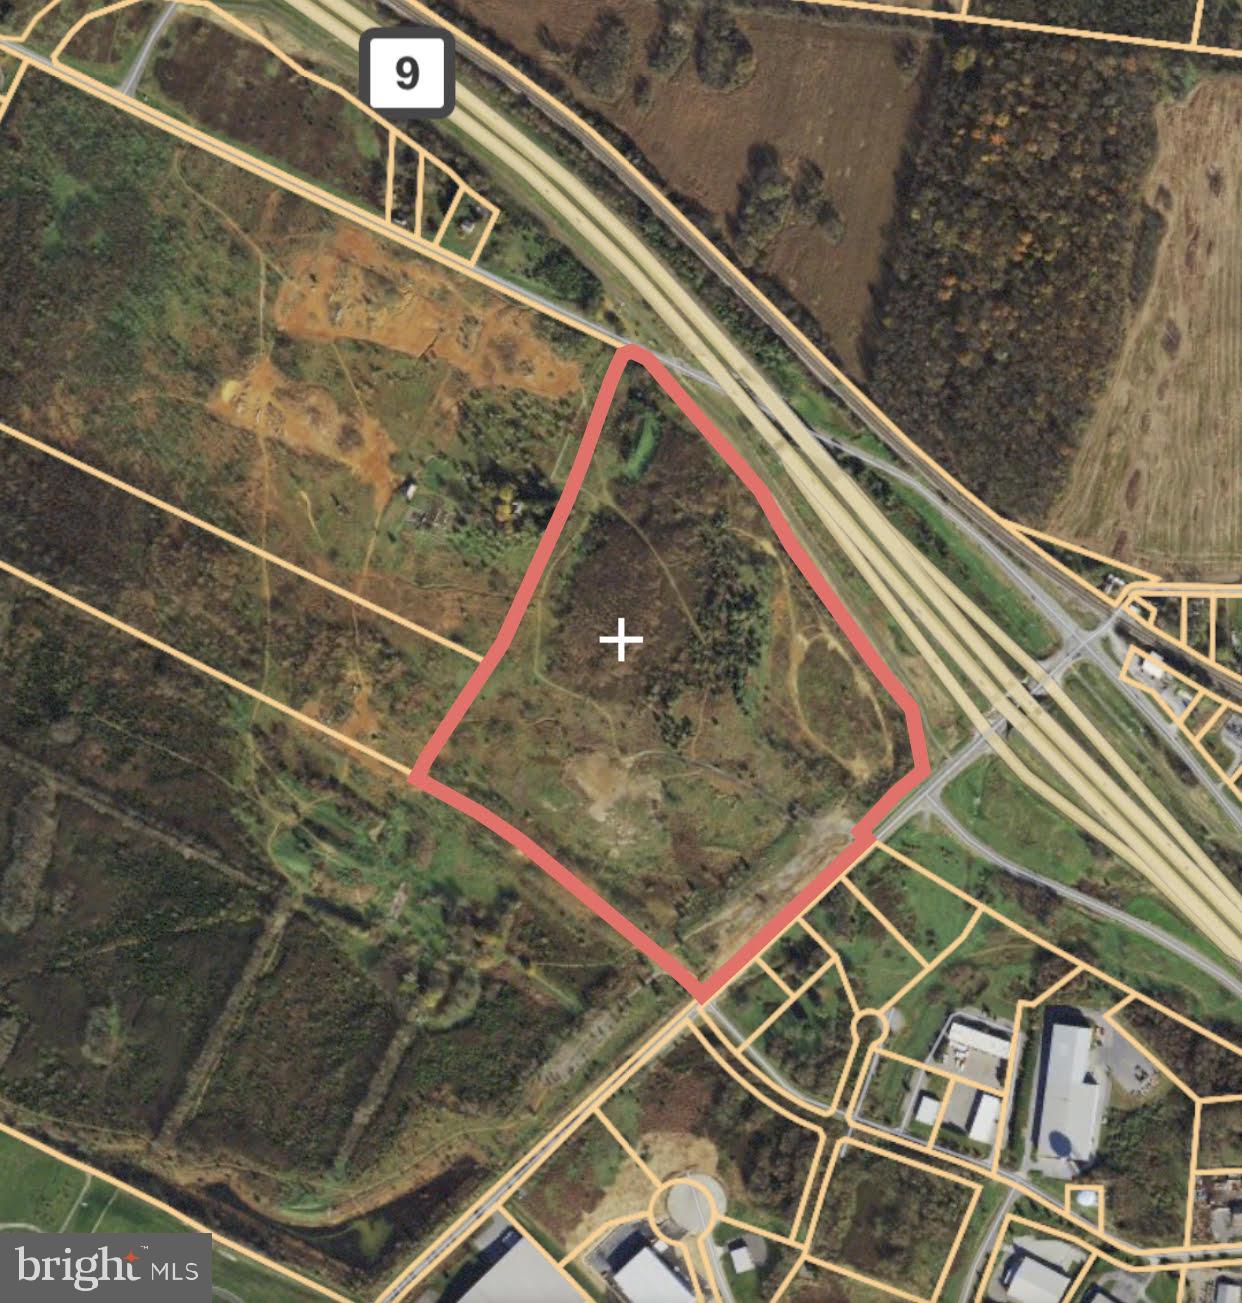 4932 Ac Wiltshire Rd, Kearneysville, WV, 25430